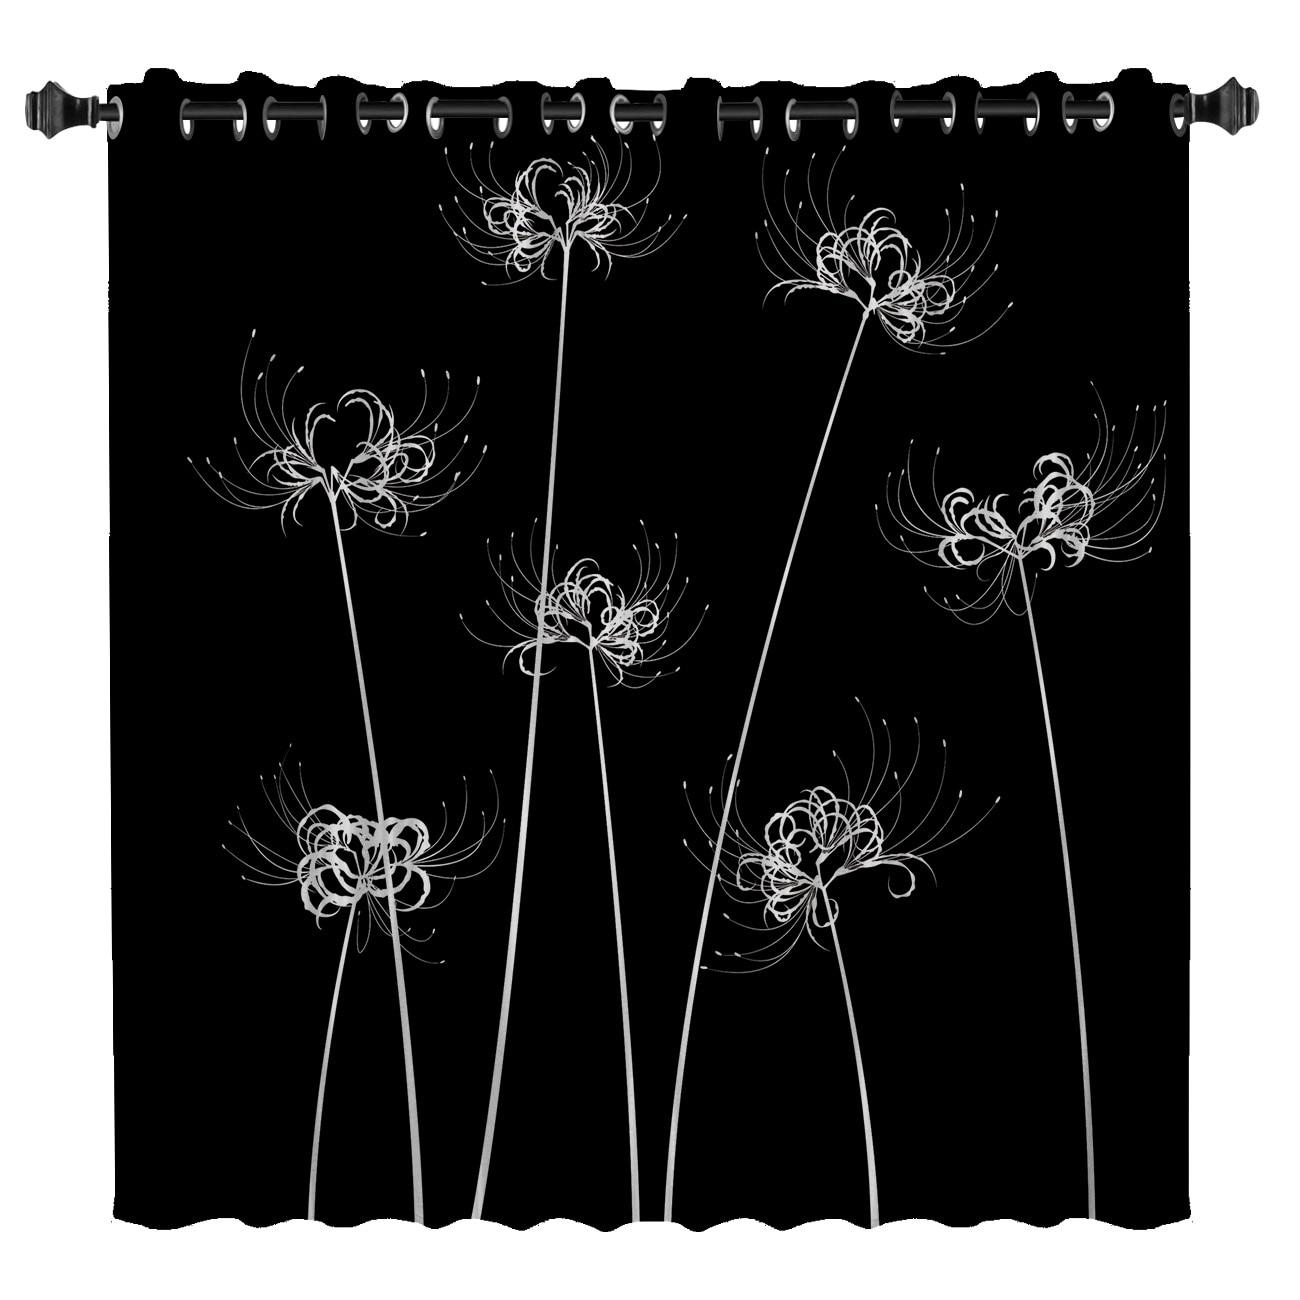 Blume Lycoris Radiata Fenster Behandlungen Vorhänge Volant Fenster Vorhänge Dark Vorhang Stange Blackout Bad Schlafzimmer Outdoor